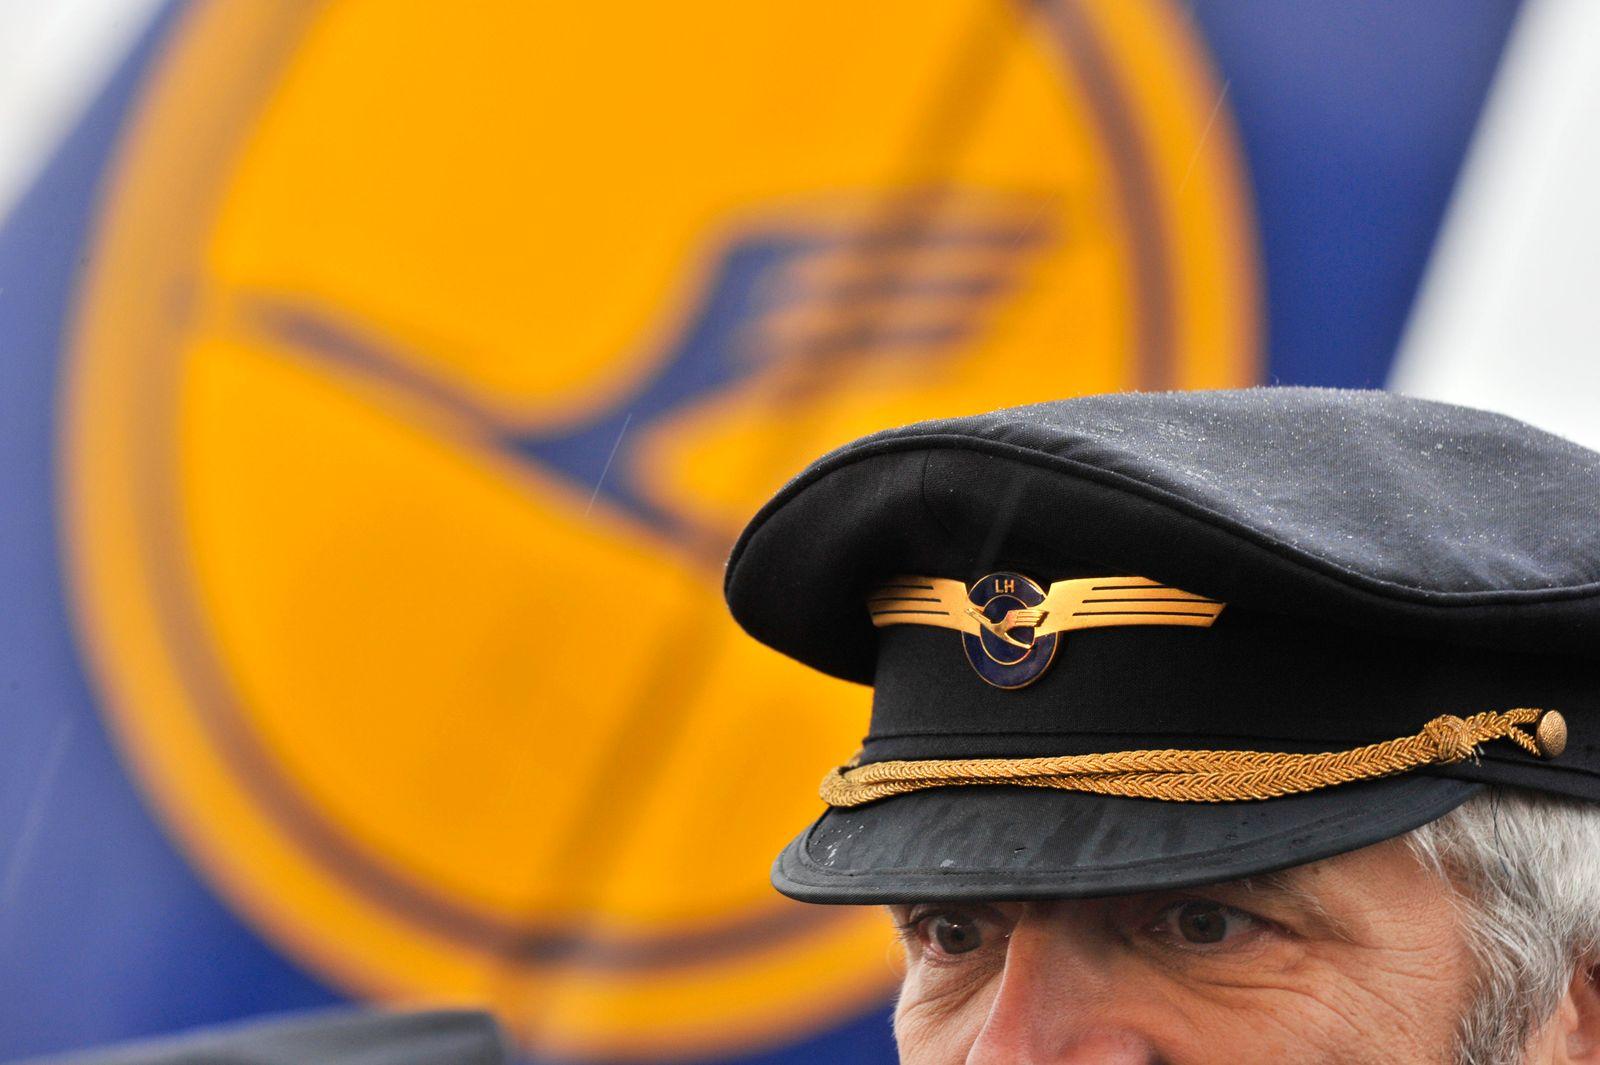 Lufthansa - Urabstimmung zu Streik